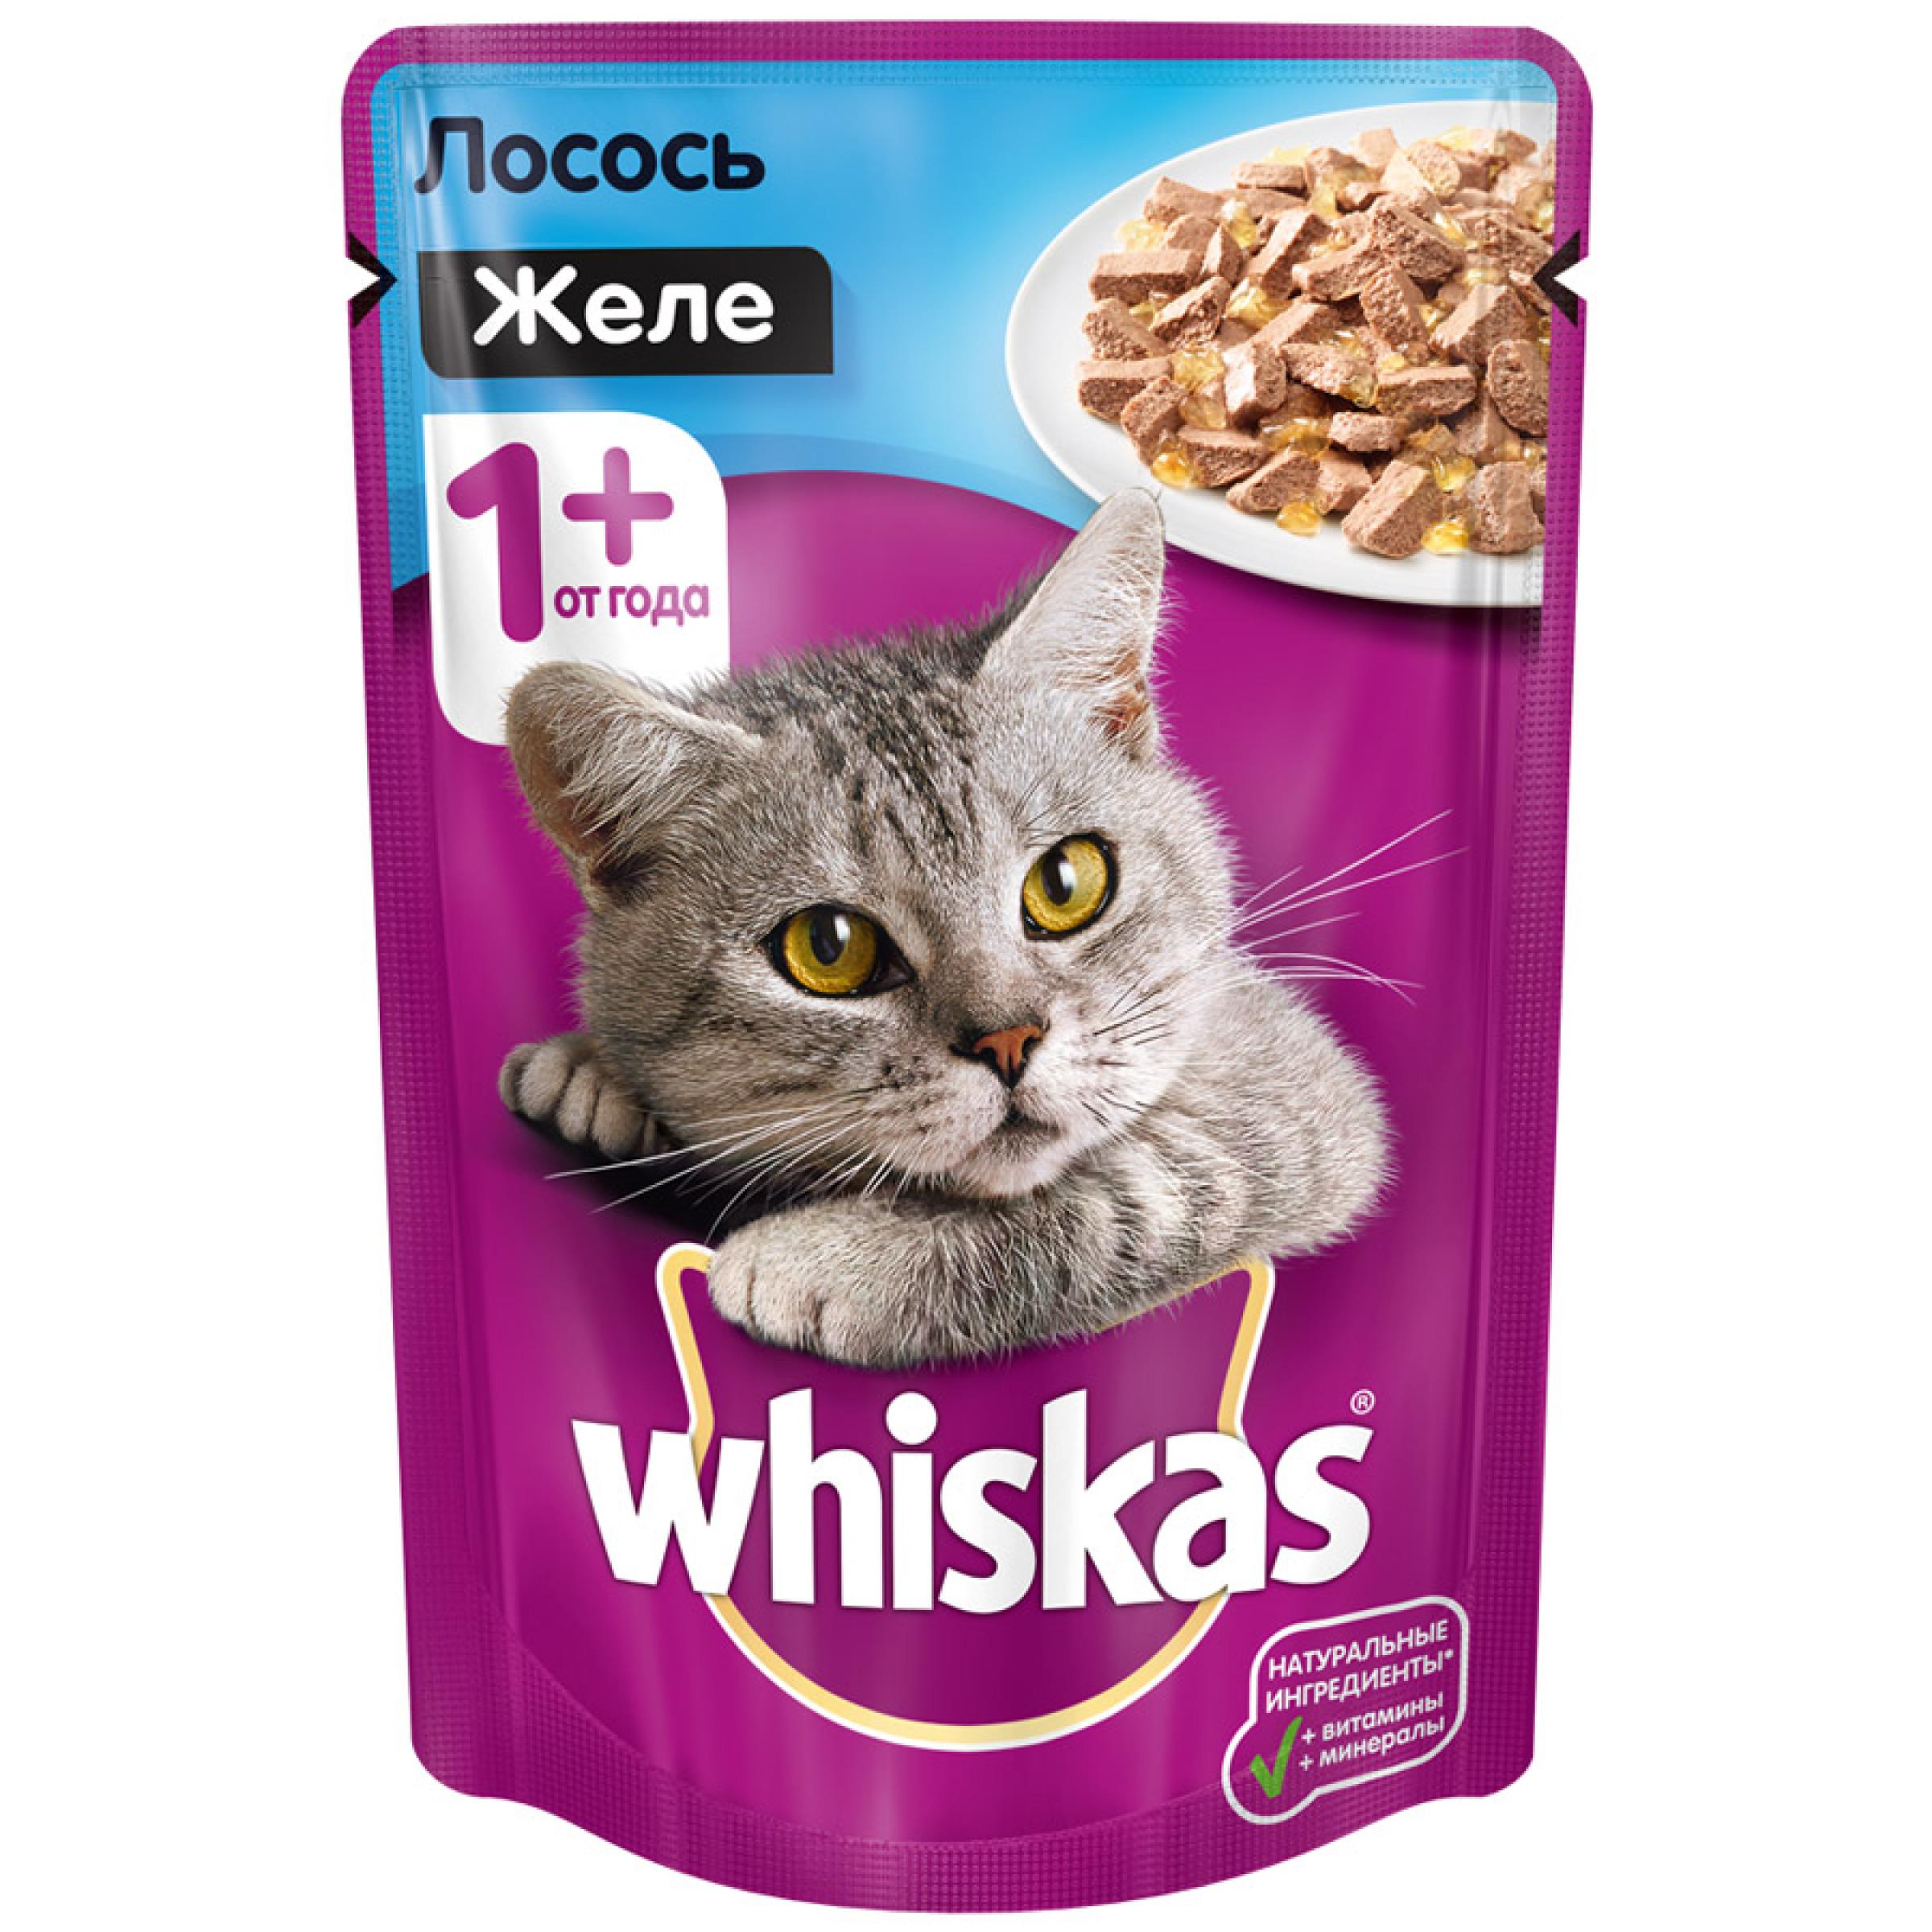 Влажный корм для кошек Whiskas желе с лососем, 85 г